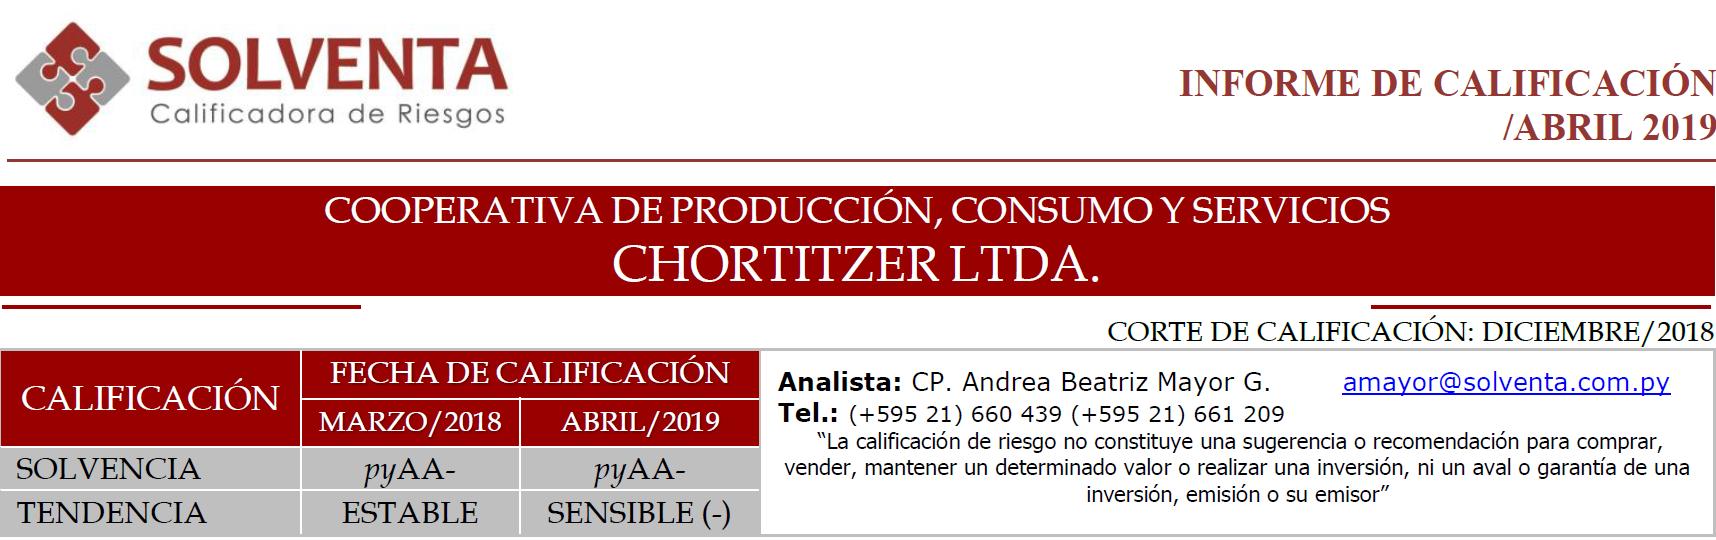 SOLVENTA renueva calificación de riesgos de Chortitzer Ltda.